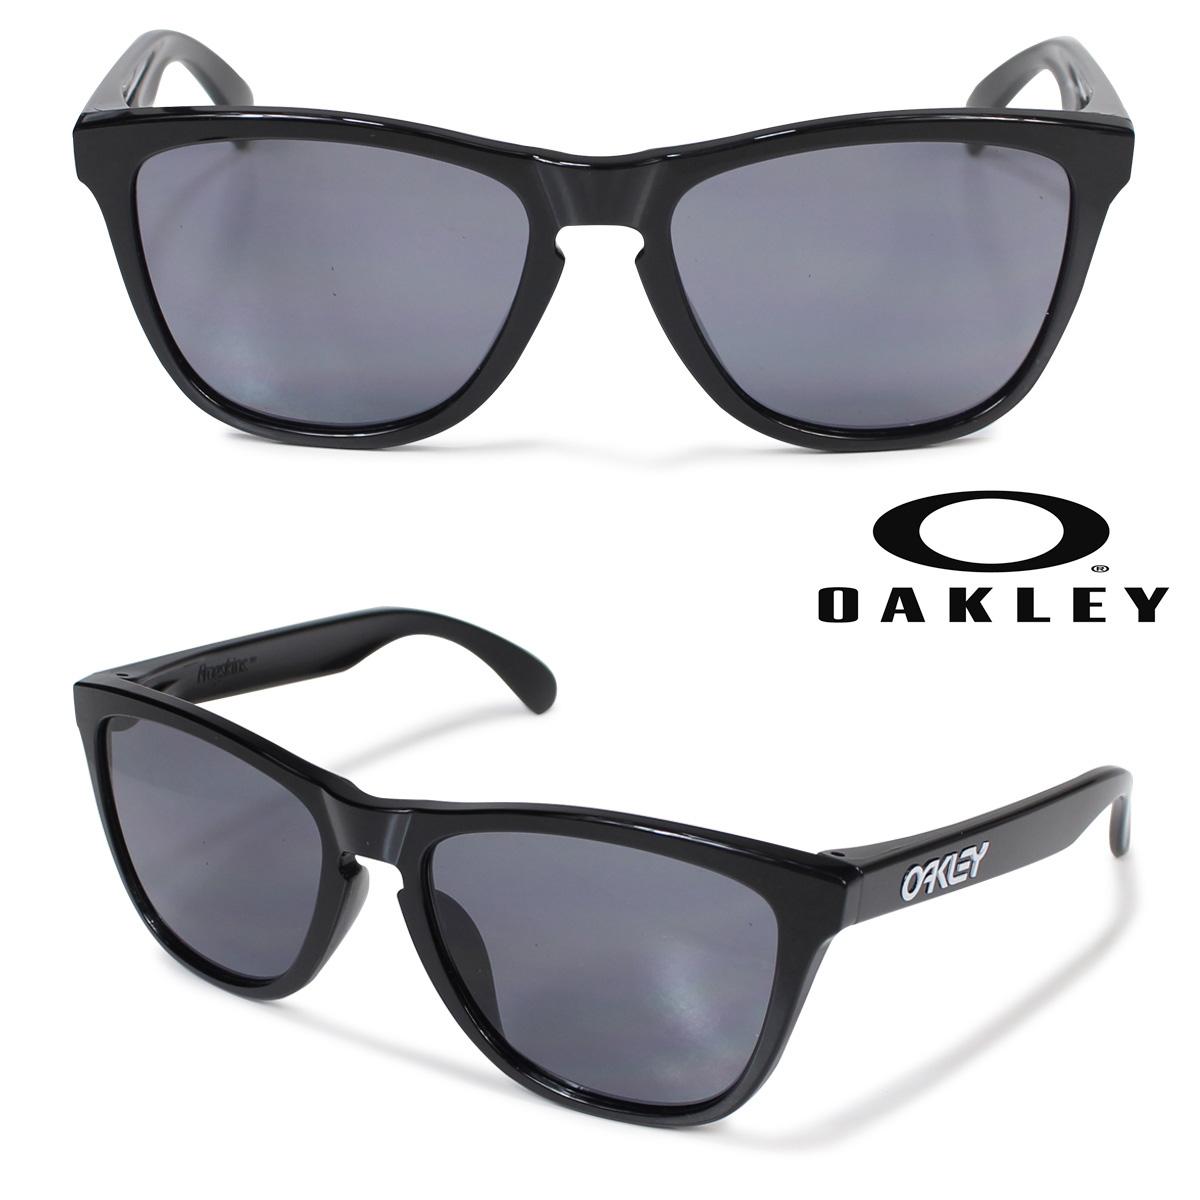 Oakley サングラス アジアンフィット オークリー Frogskins フロッグスキン ASIA FIT OO9245-01 ブラック メンズ レディース